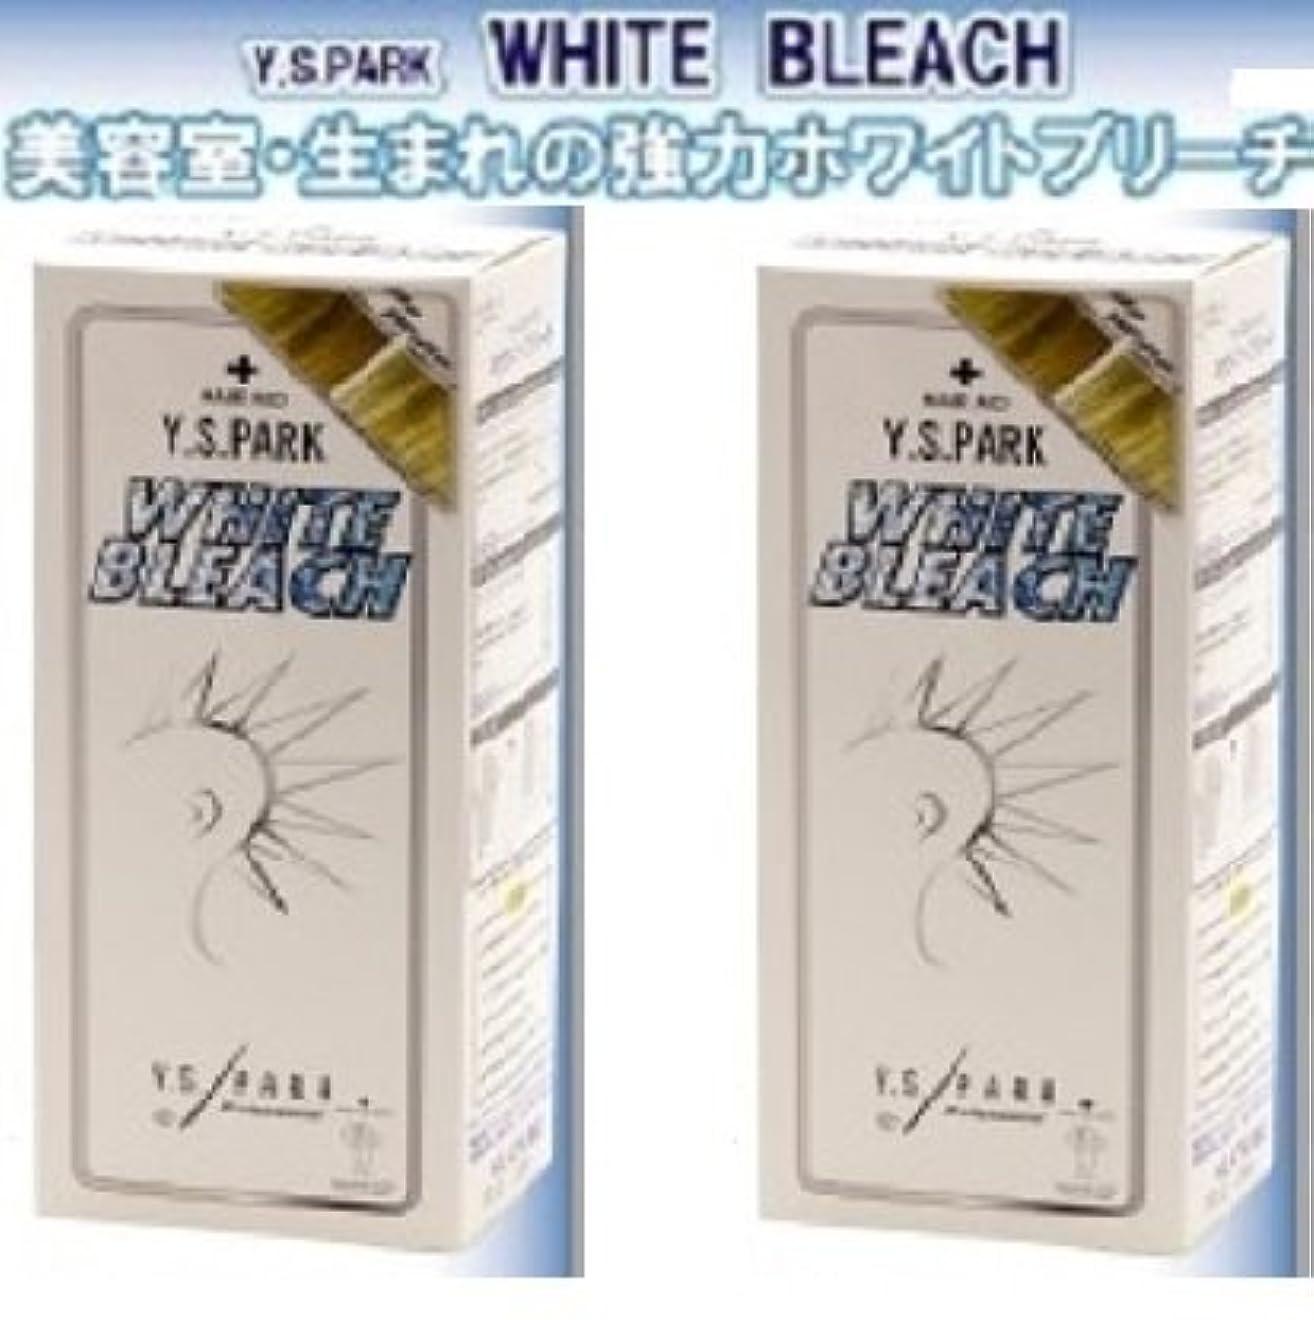 コーラスタイピスト放置【YSPARK 】ホワイトブリーチ ×2個セット(お得な2個組)美容室生まれの強力ホワイトブリーチ